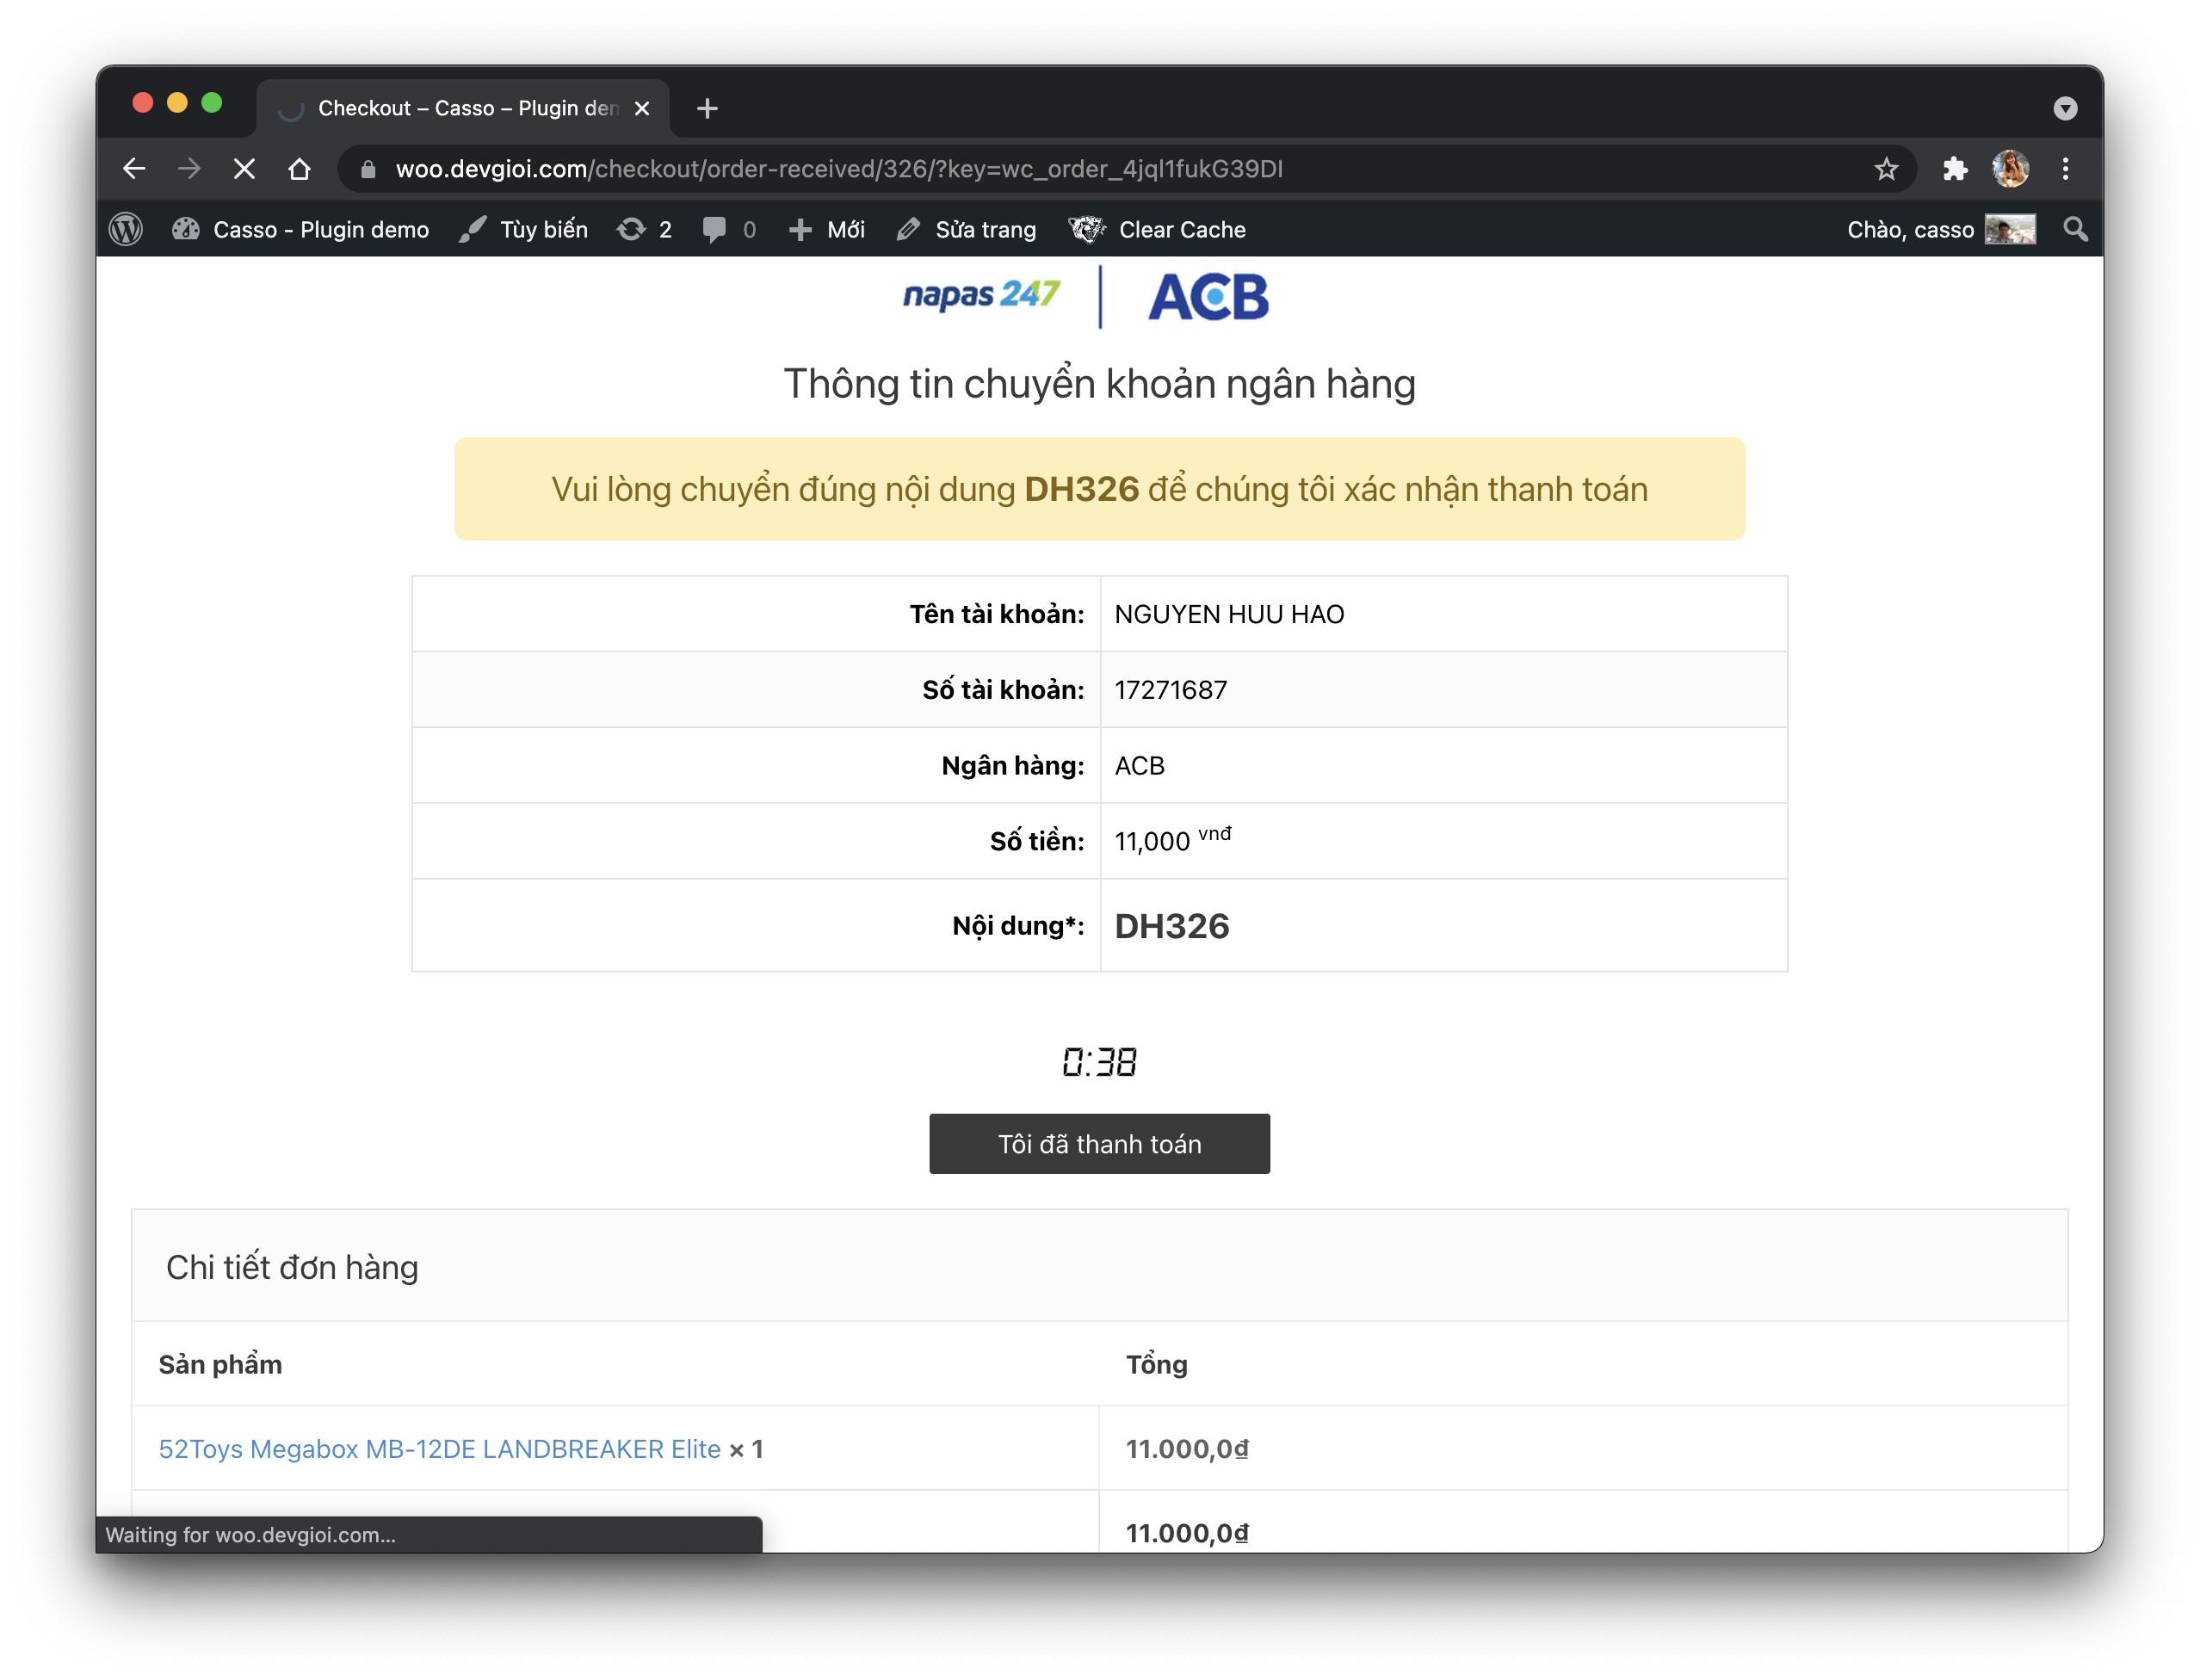 Sau khi chọn tôi đã thanh toán khách hàng sẽ đợi 60s để hệ thống xác nhận thanh toán và chuyển tình trạng đơn nếu nhận đủ tiền